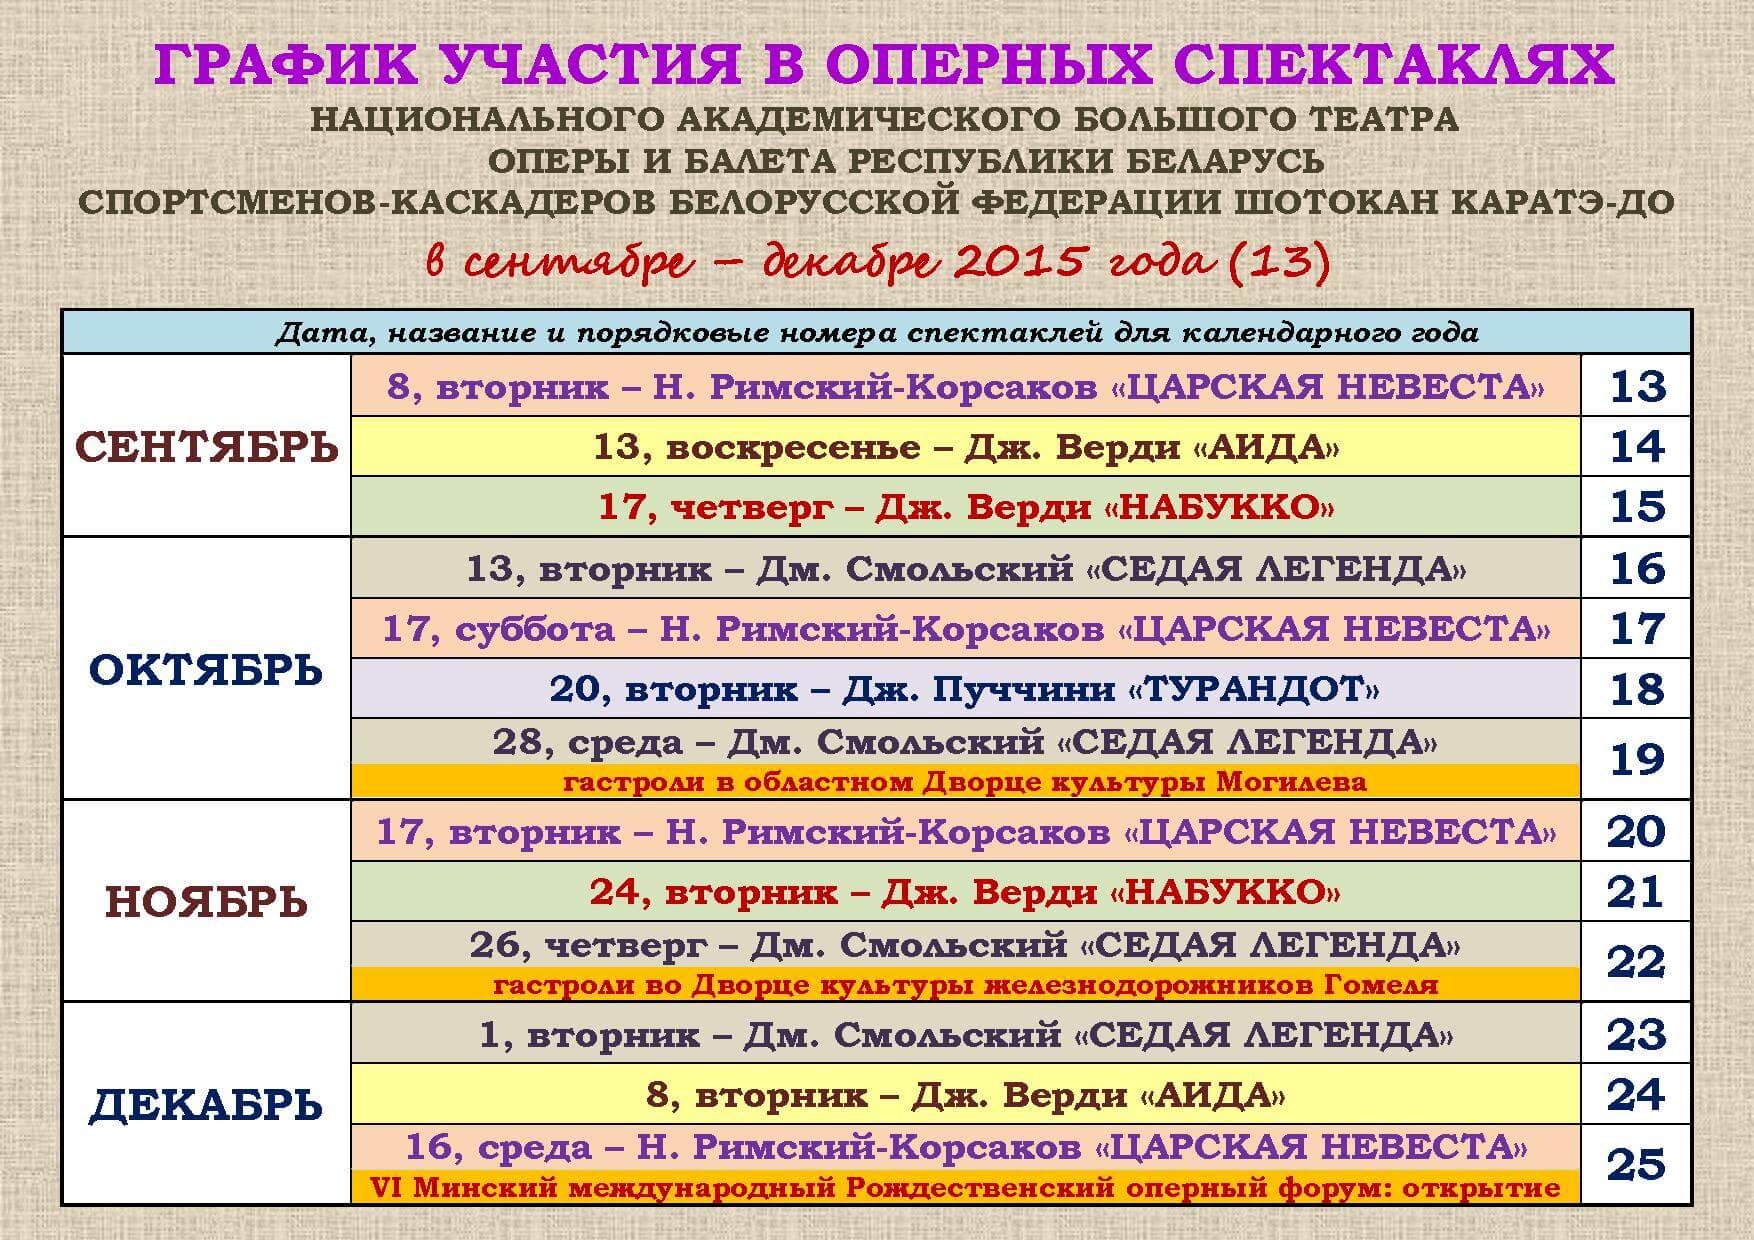 БФШК Спектакли в НАБТ 2015.09-12 (13)